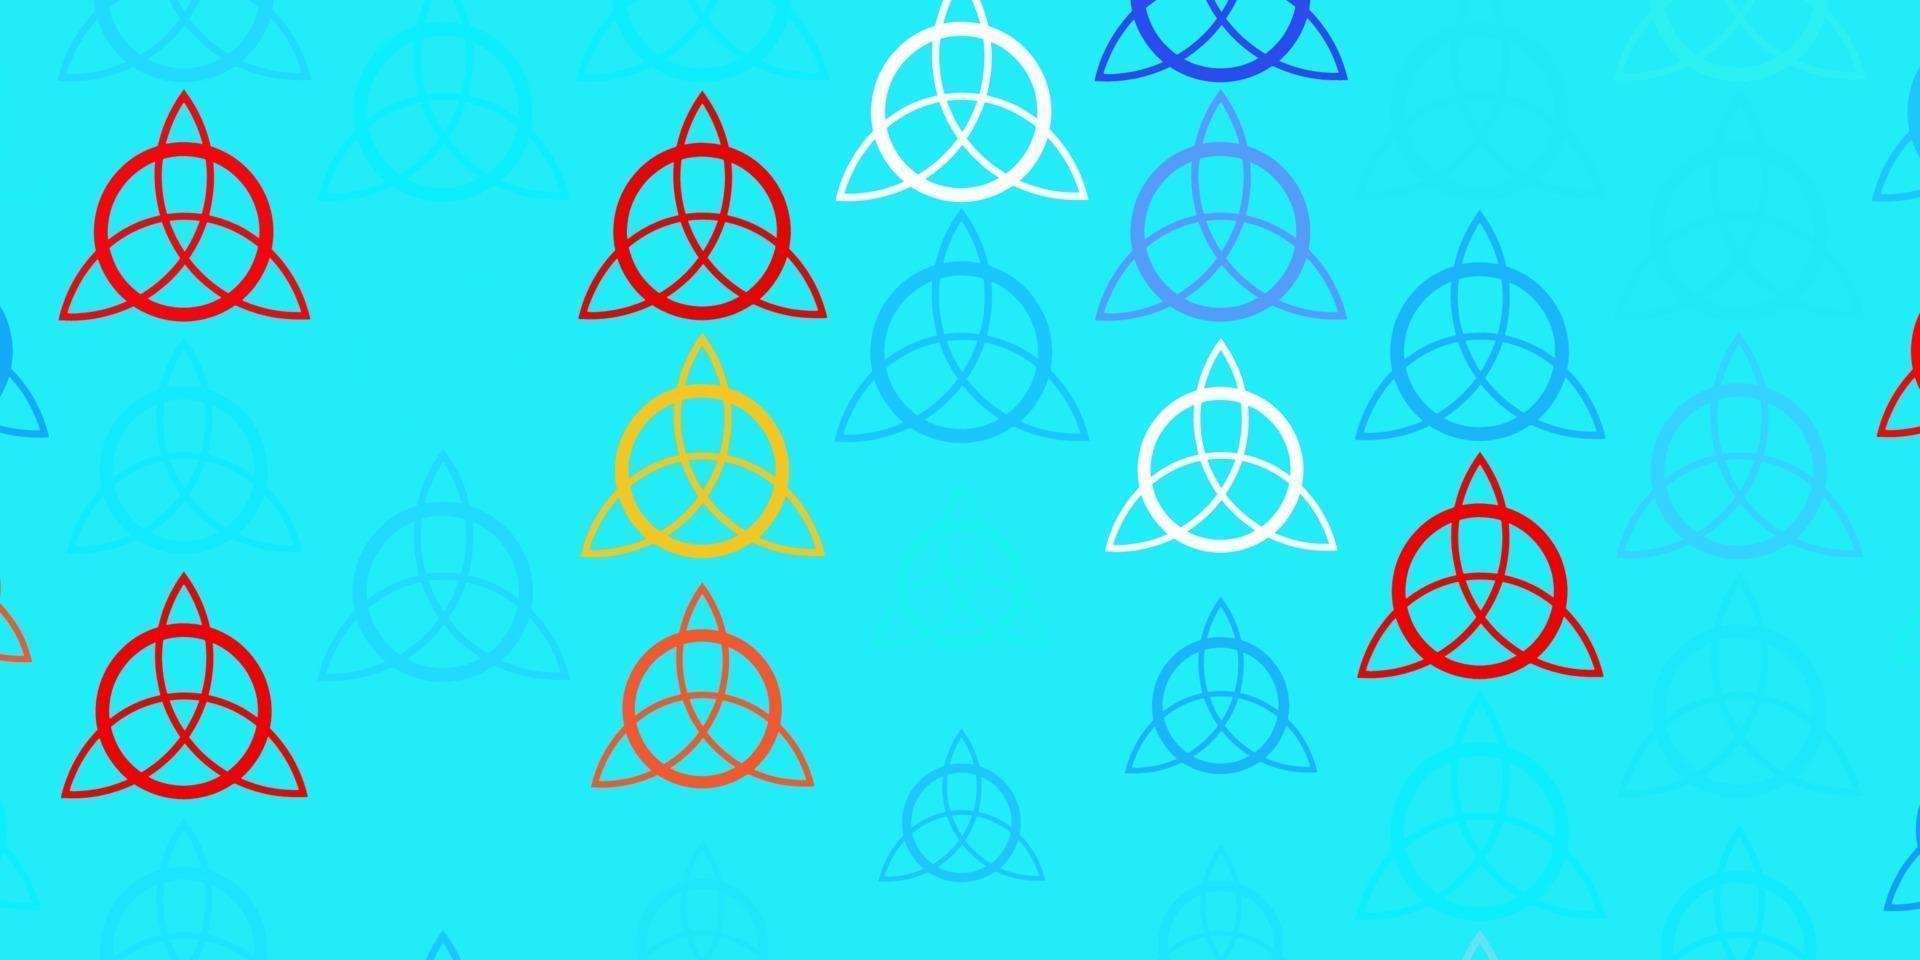 sfondo vettoriale azzurro, rosso con simboli occulti.